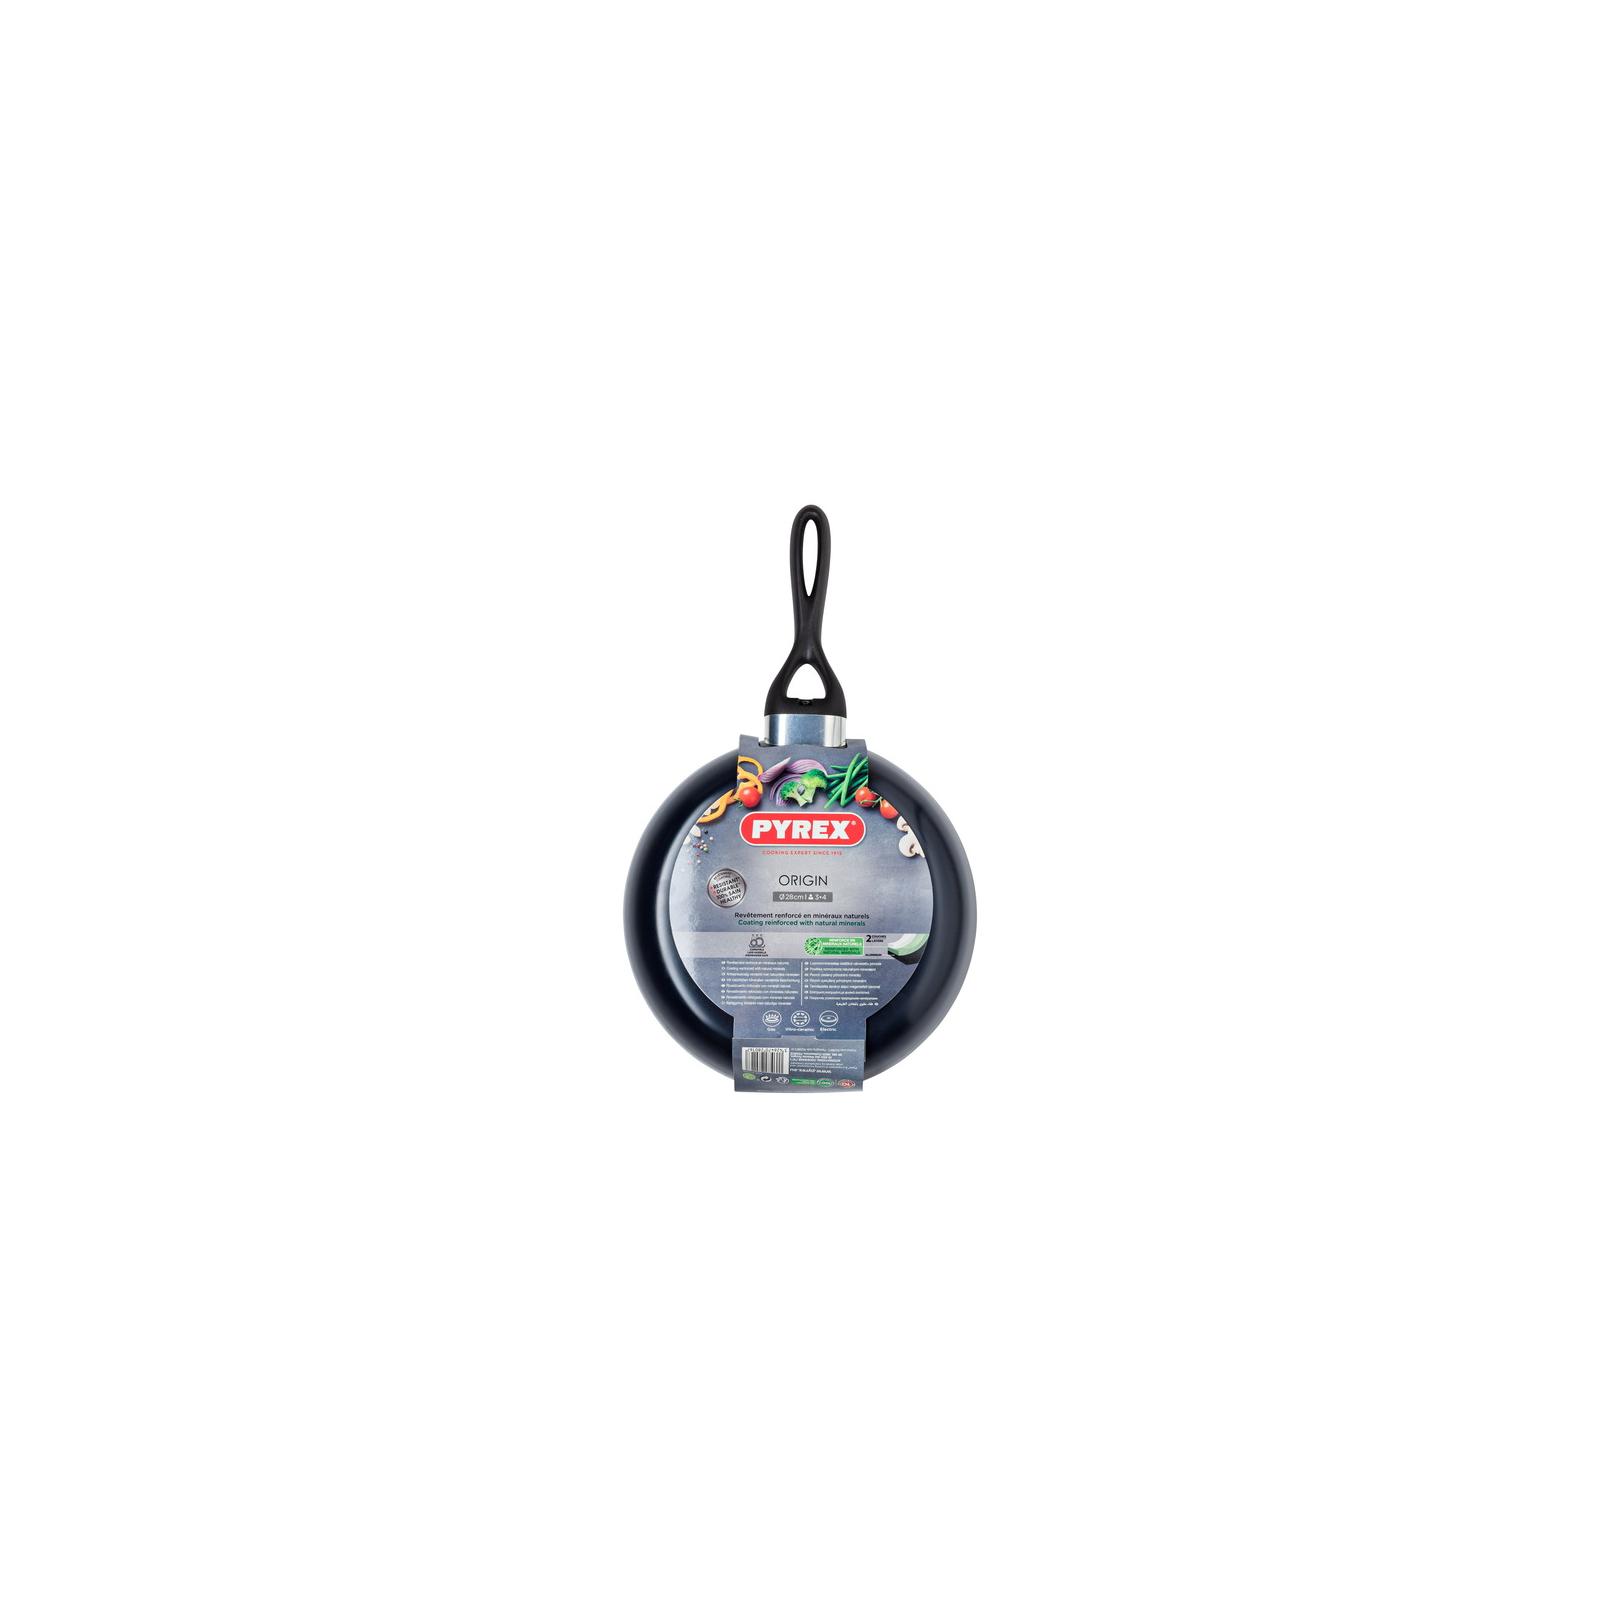 Сковорода Pyrex Origin 24 см (RG24BF3) изображение 7